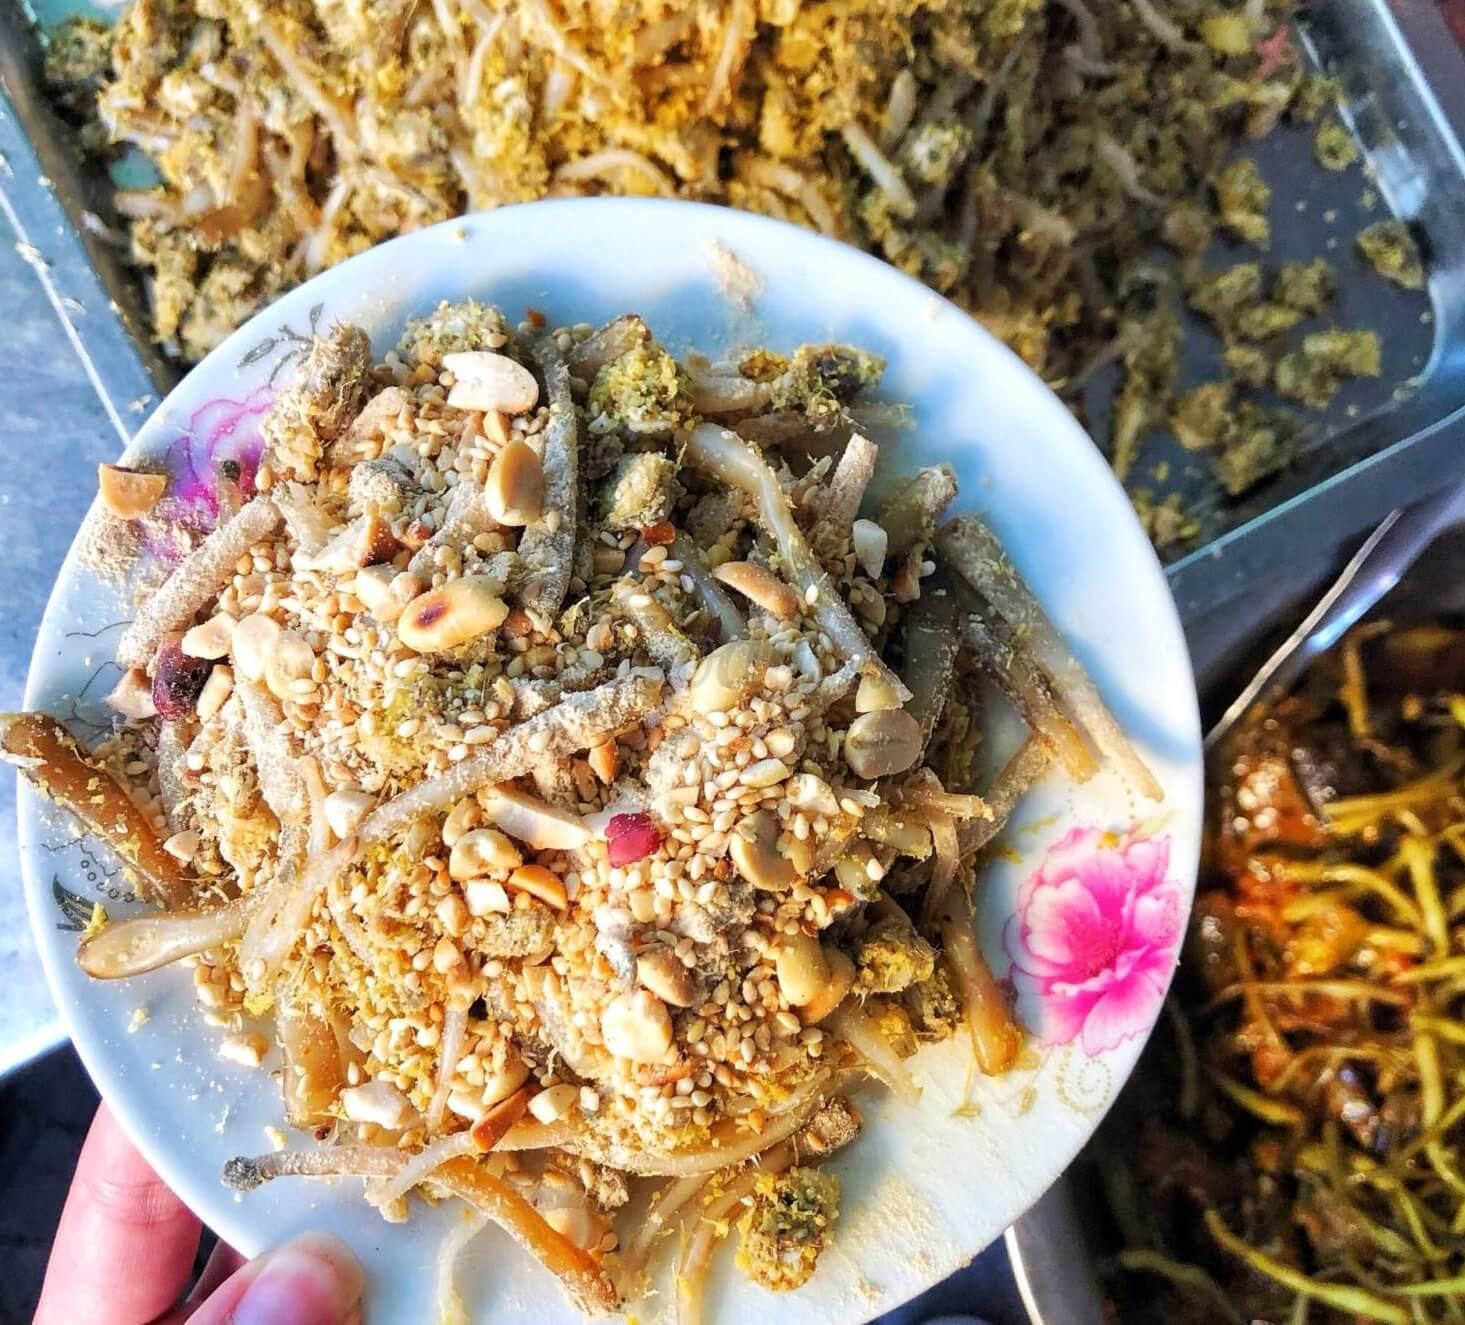 đồ ăn vặt ngon ở hải phòn